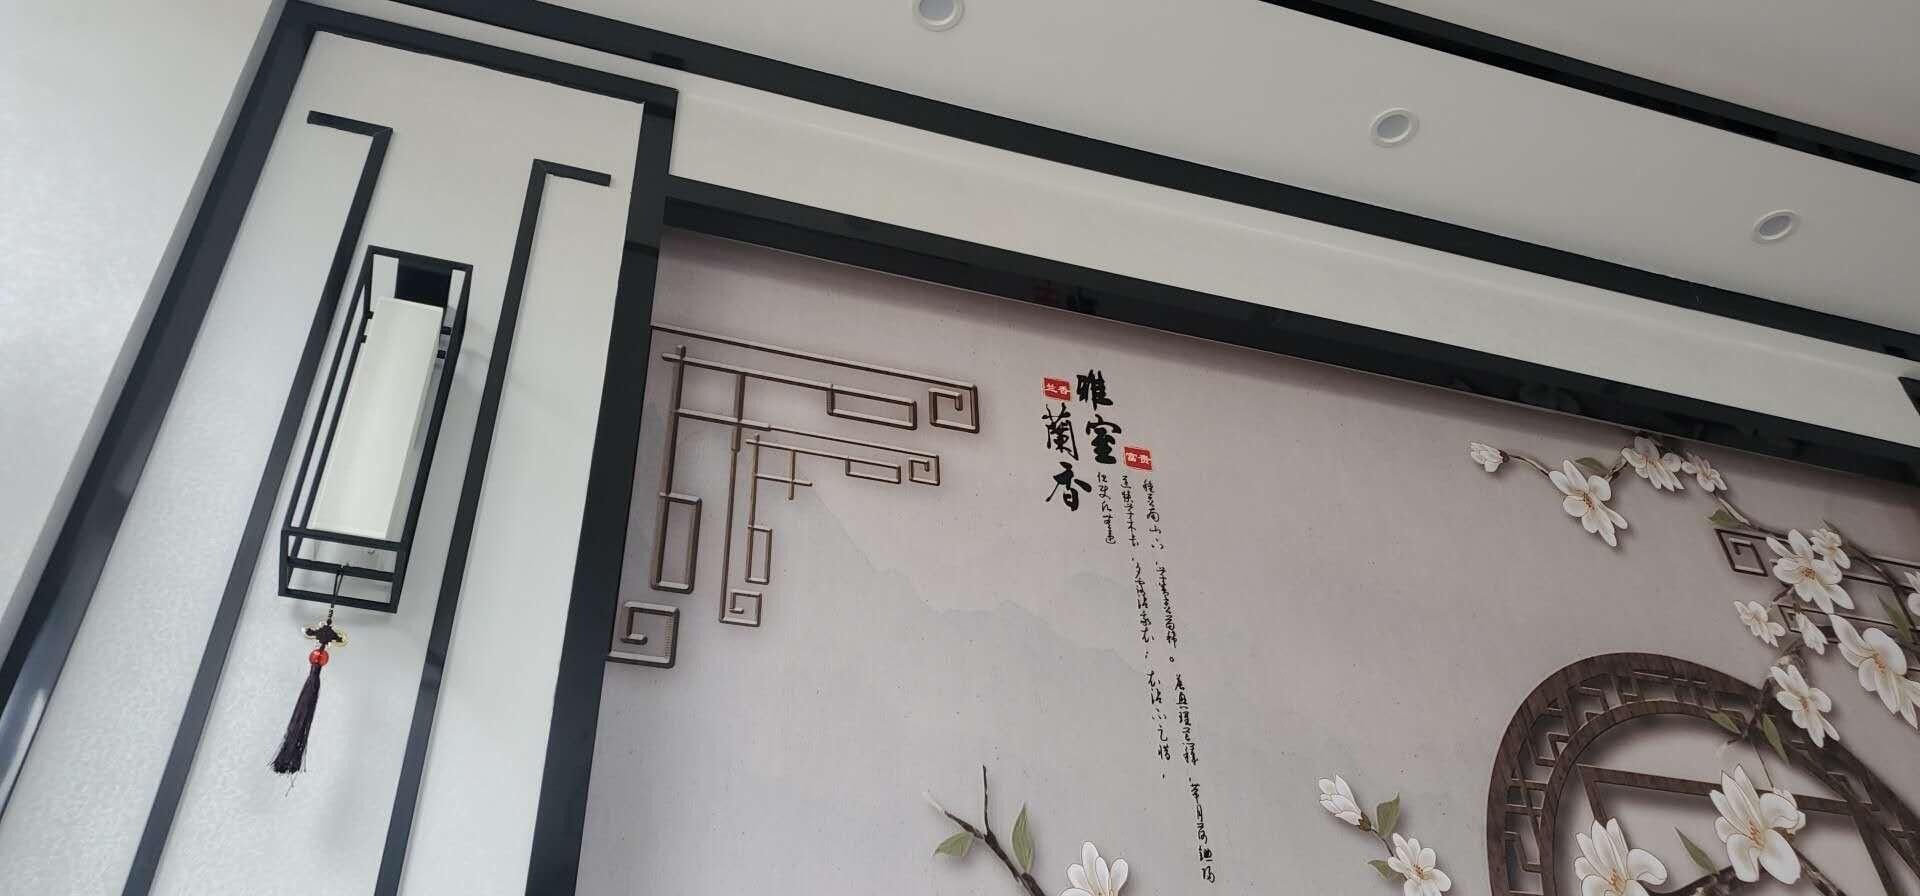 石匠人新中式壁灯创意客厅背景墙禅意卧室床头壁灯会所走廊玄关古典酒店过道灯黑色60cm